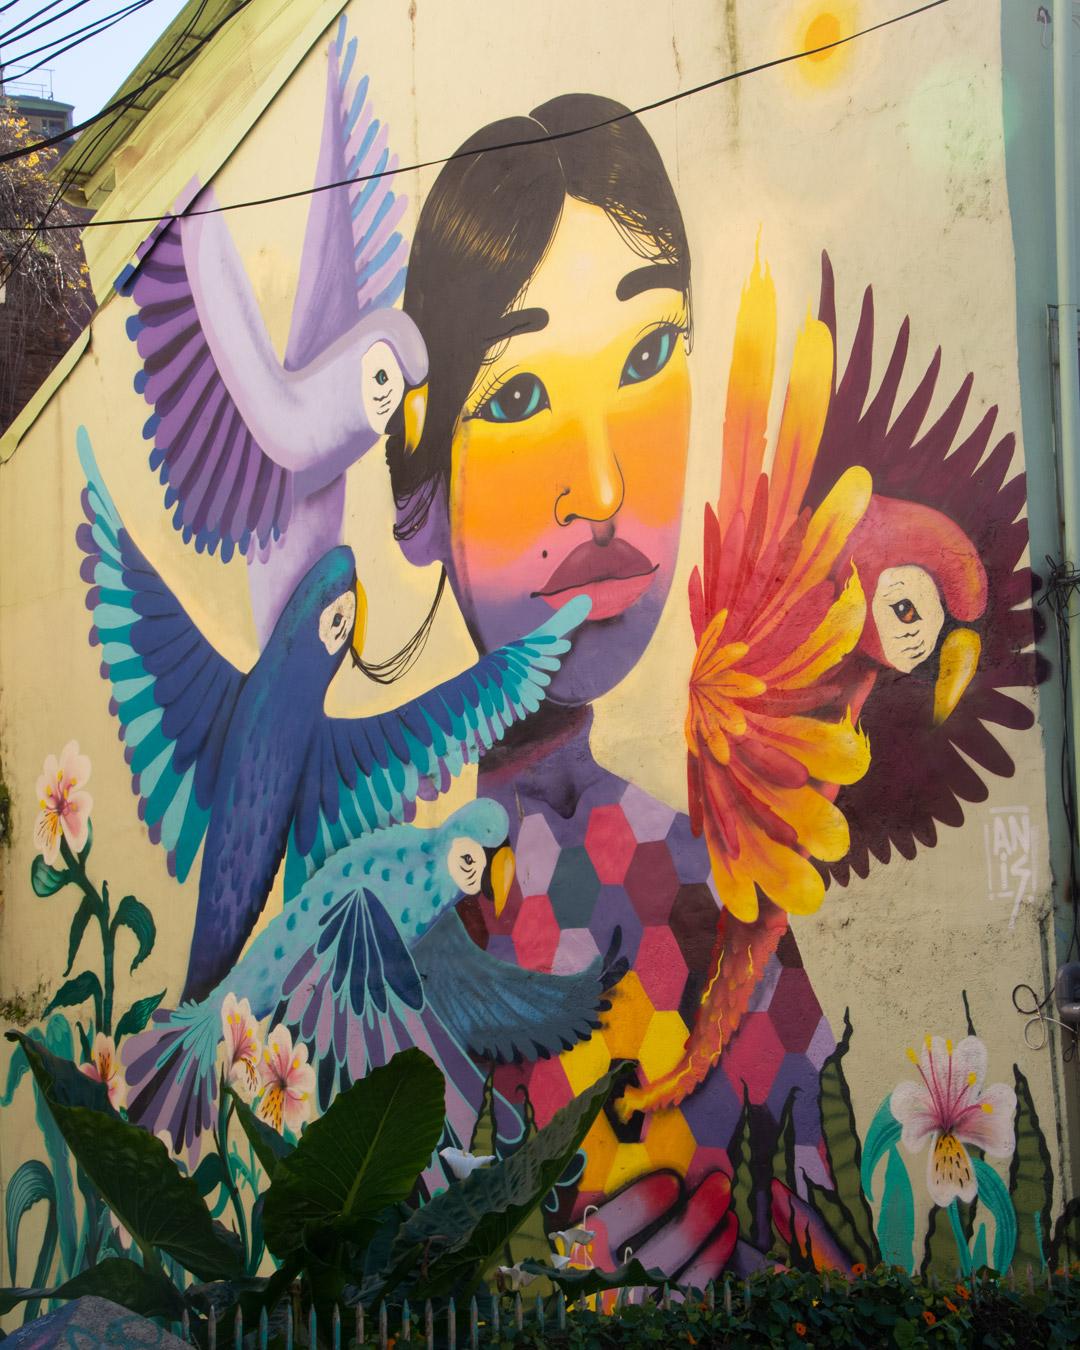 Femme Et Faune Du Chili En Fresque à Valparaiso